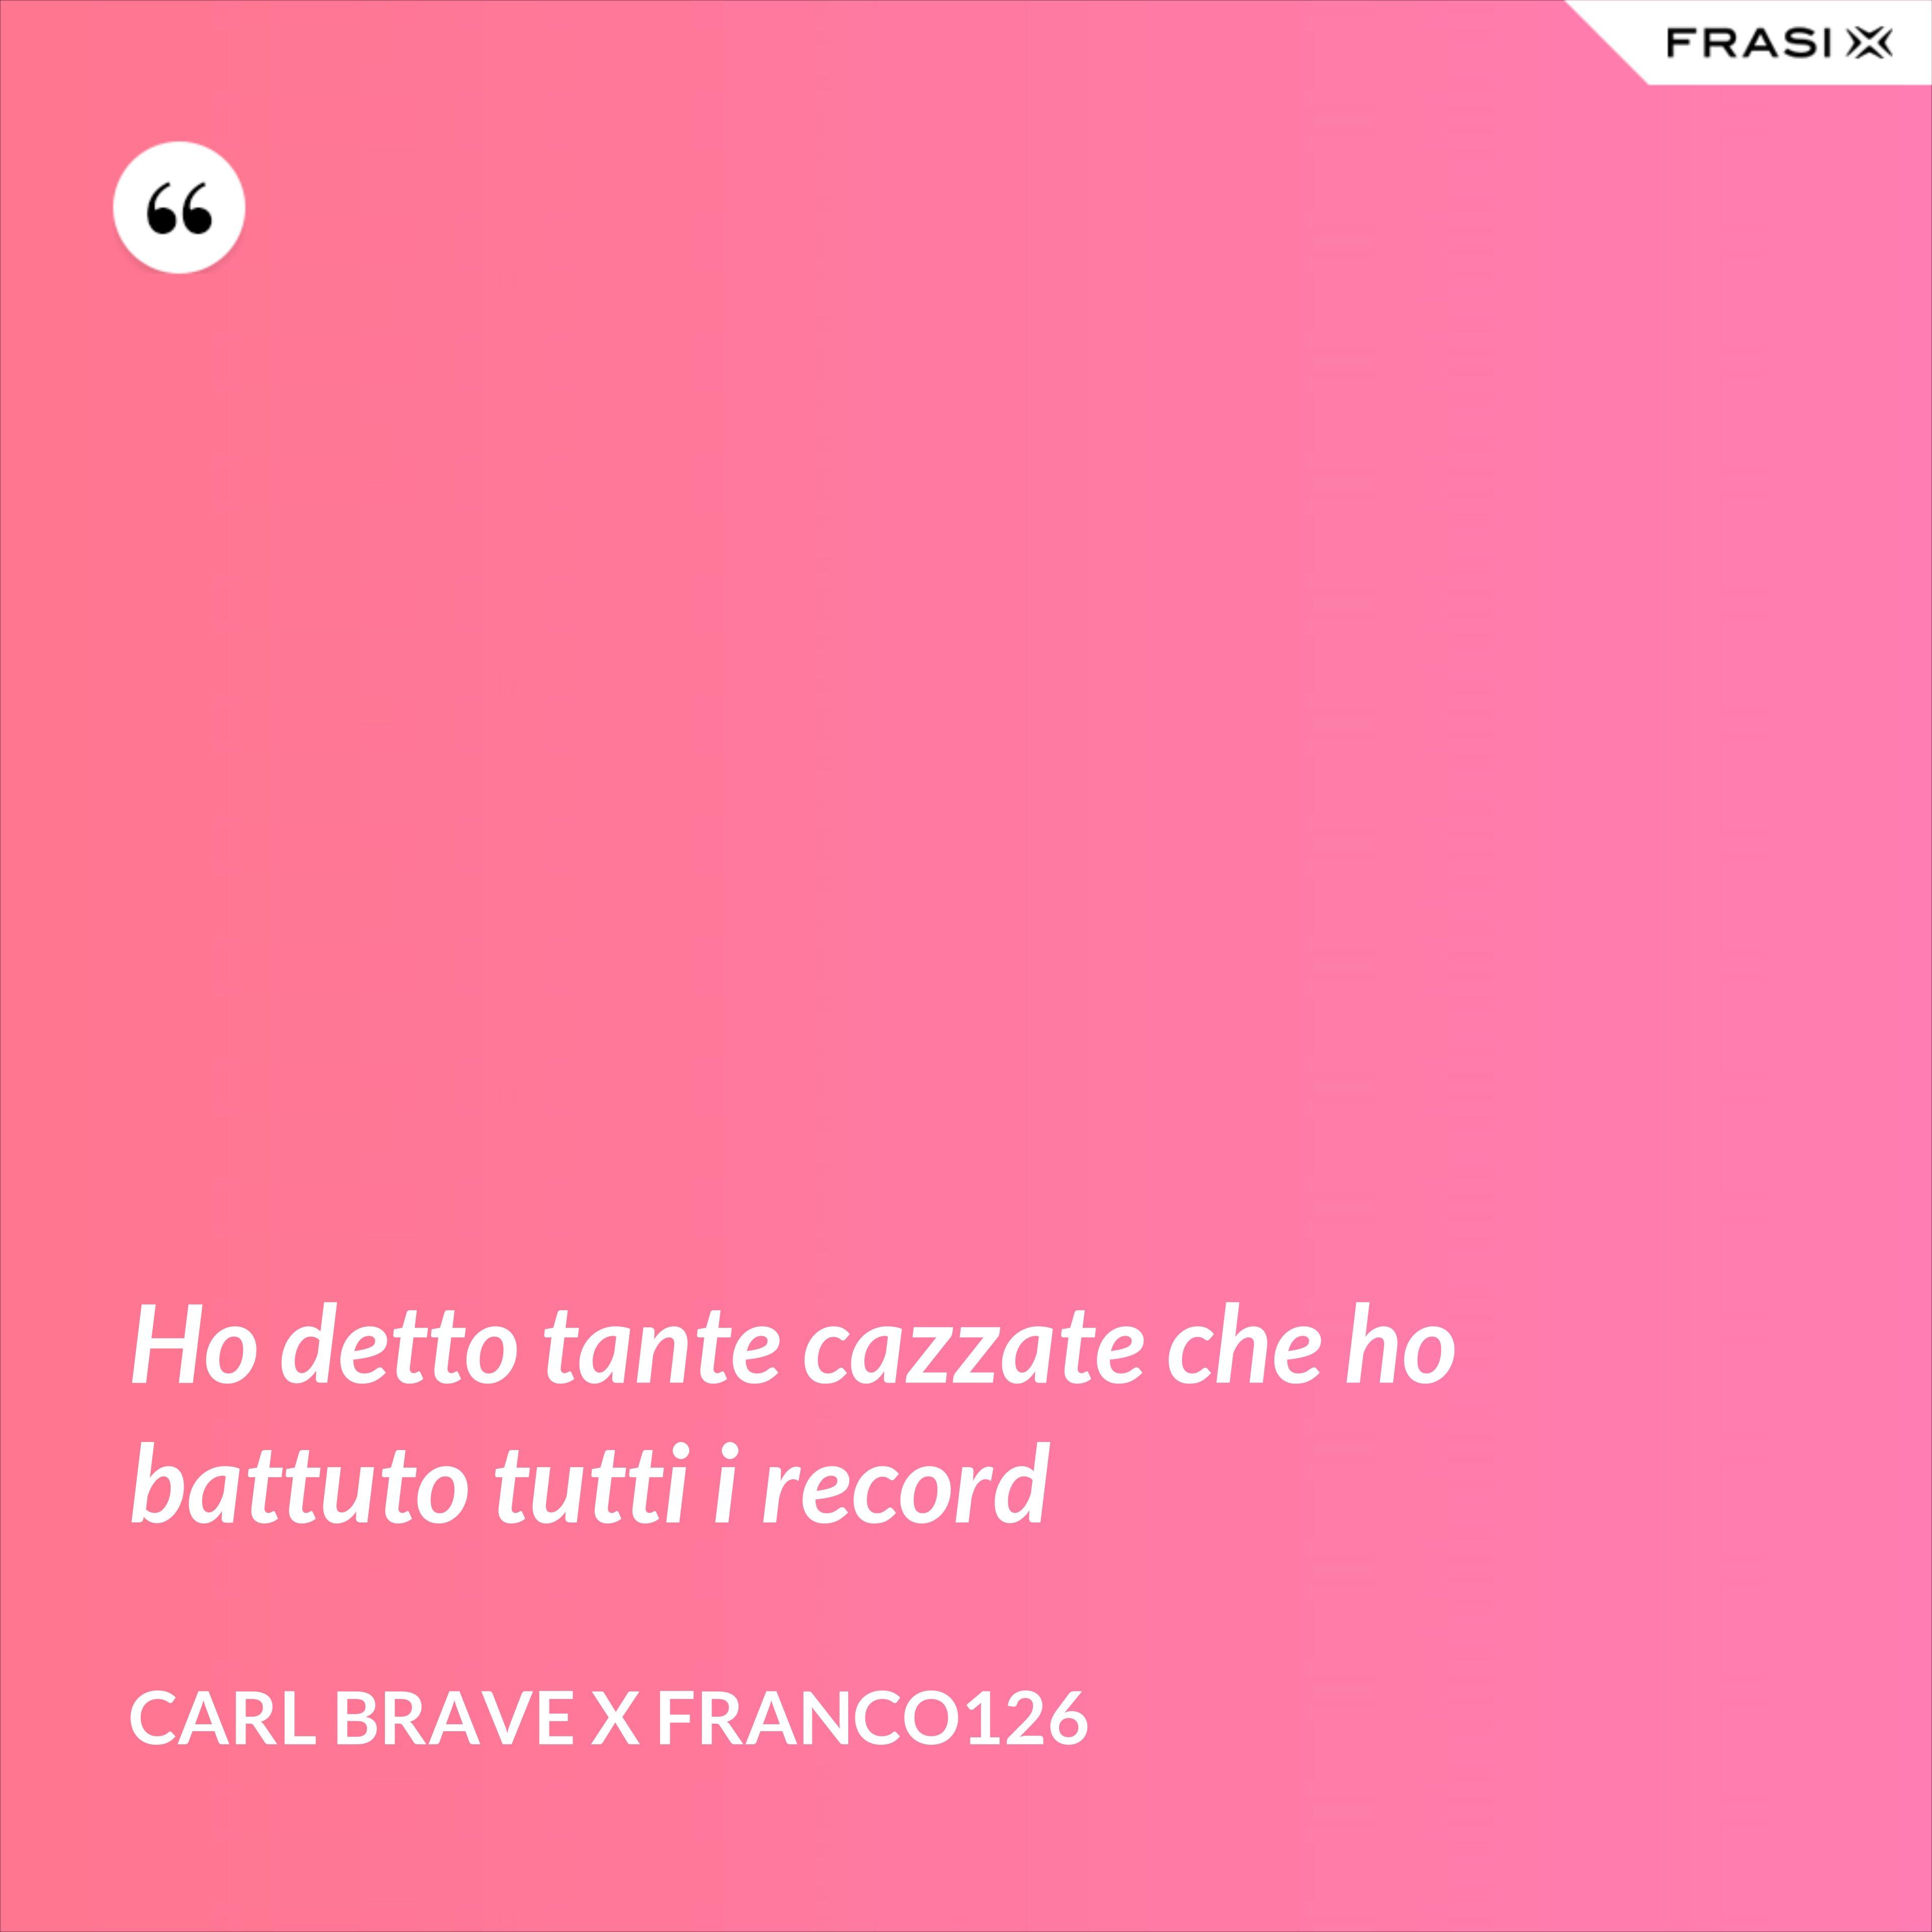 Ho detto tante cazzate che ho battuto tutti i record - Carl Brave X Franco126